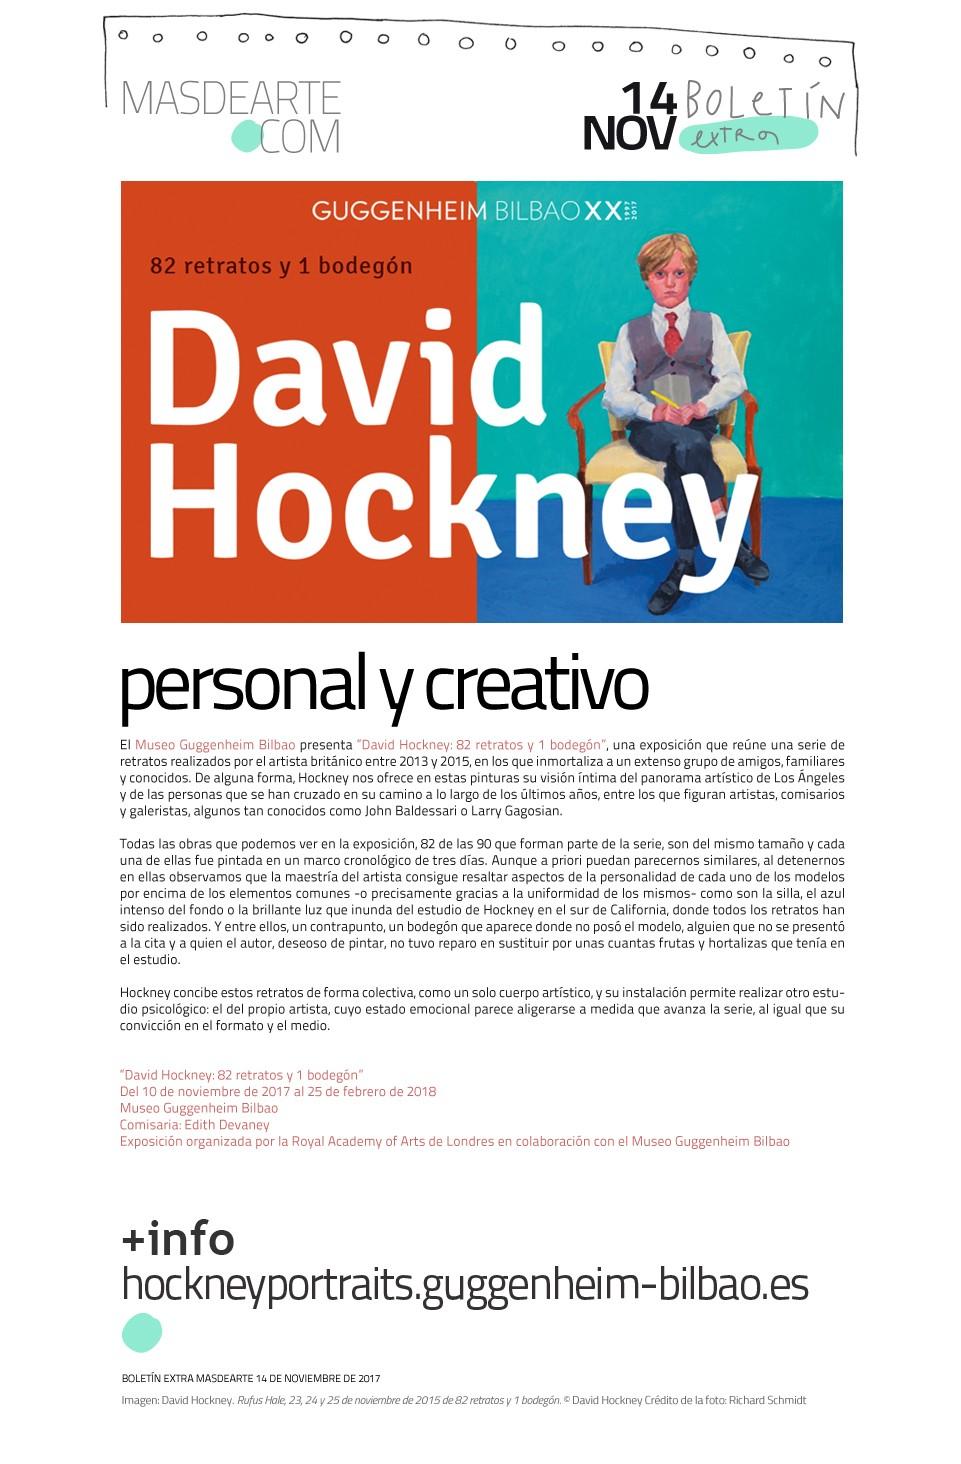 Extra masdearte: David Hockney. 82 retratos y un bodegón, en el Museo Guggenheim Bilbao. Hasta el 25 de febrero de 2018